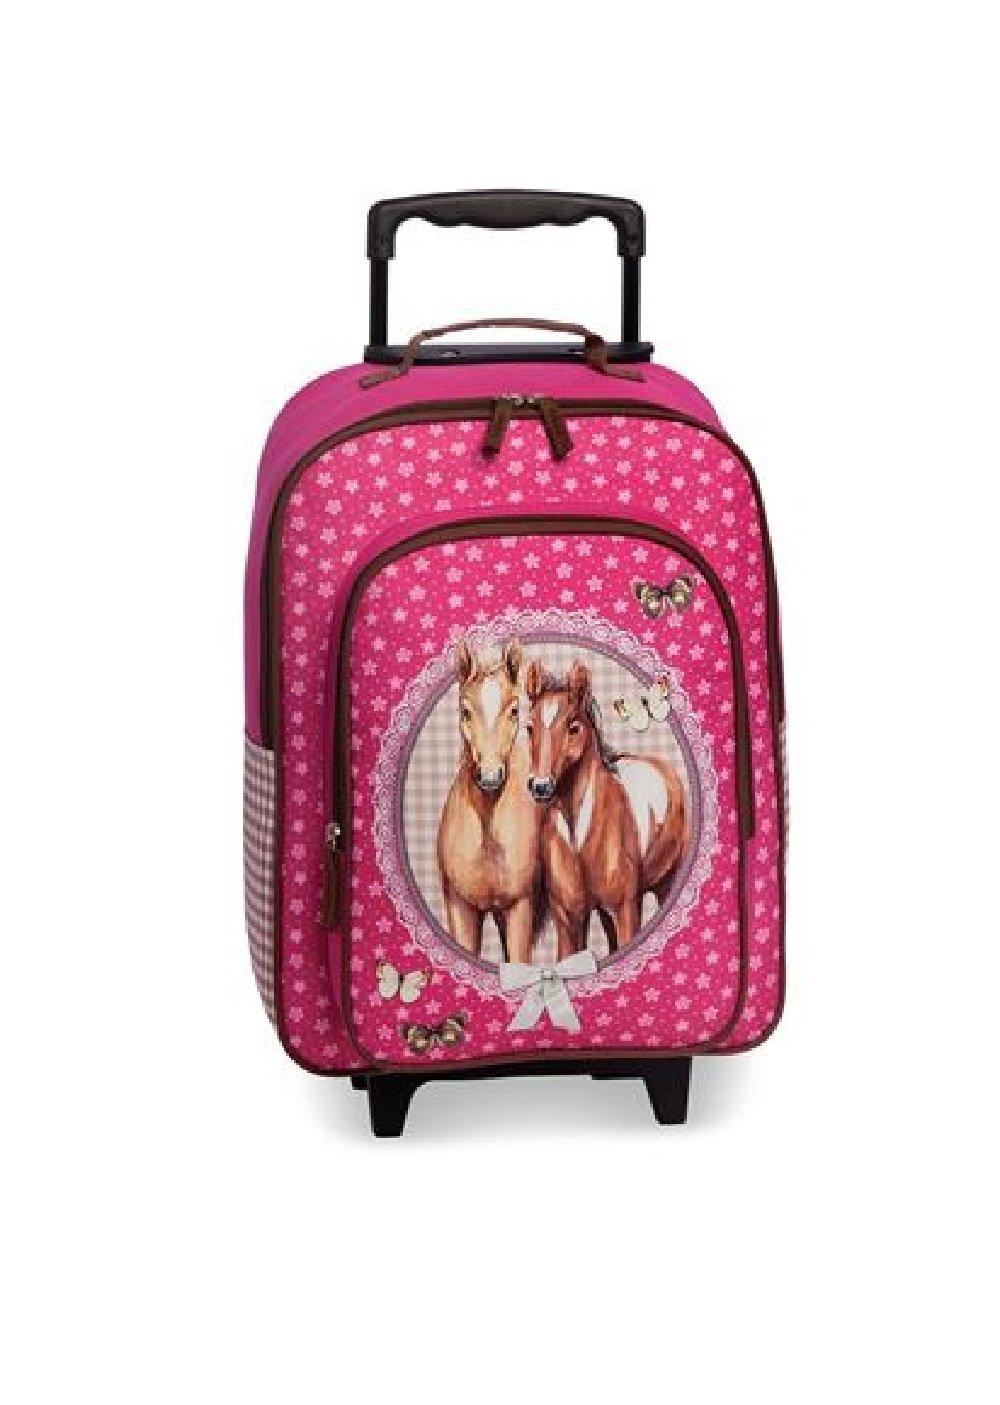 Koffertrolley Pferde rosa für Mädchen